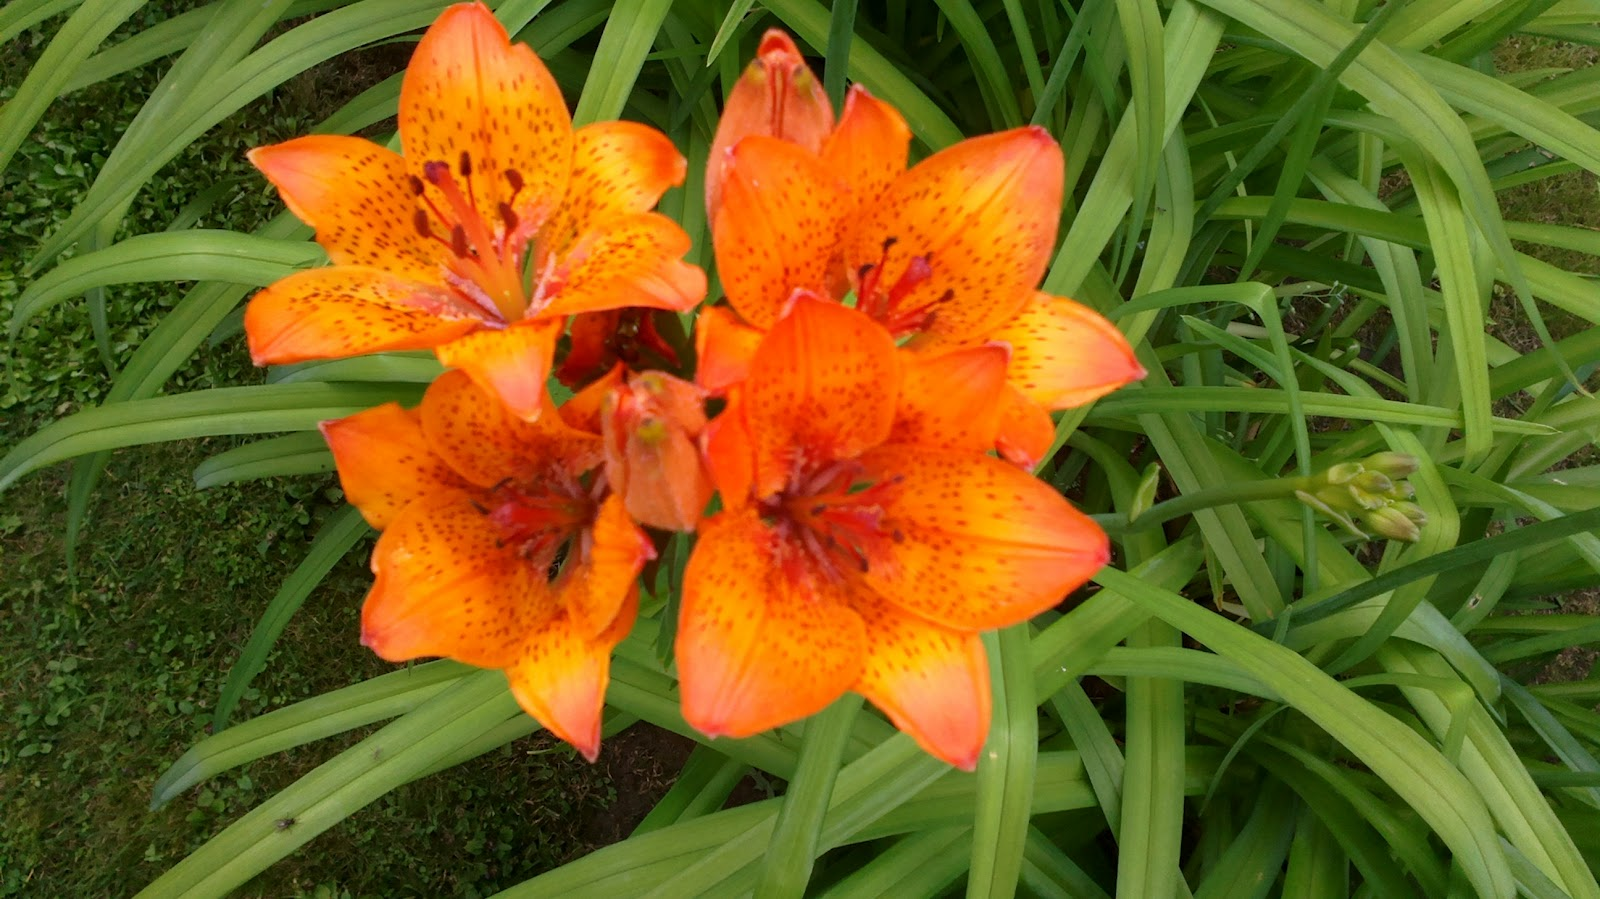 Lähes joka päivä uusia perennoja puhkeaa kukkaan! – Almost every day some new perennial begins to bloom!